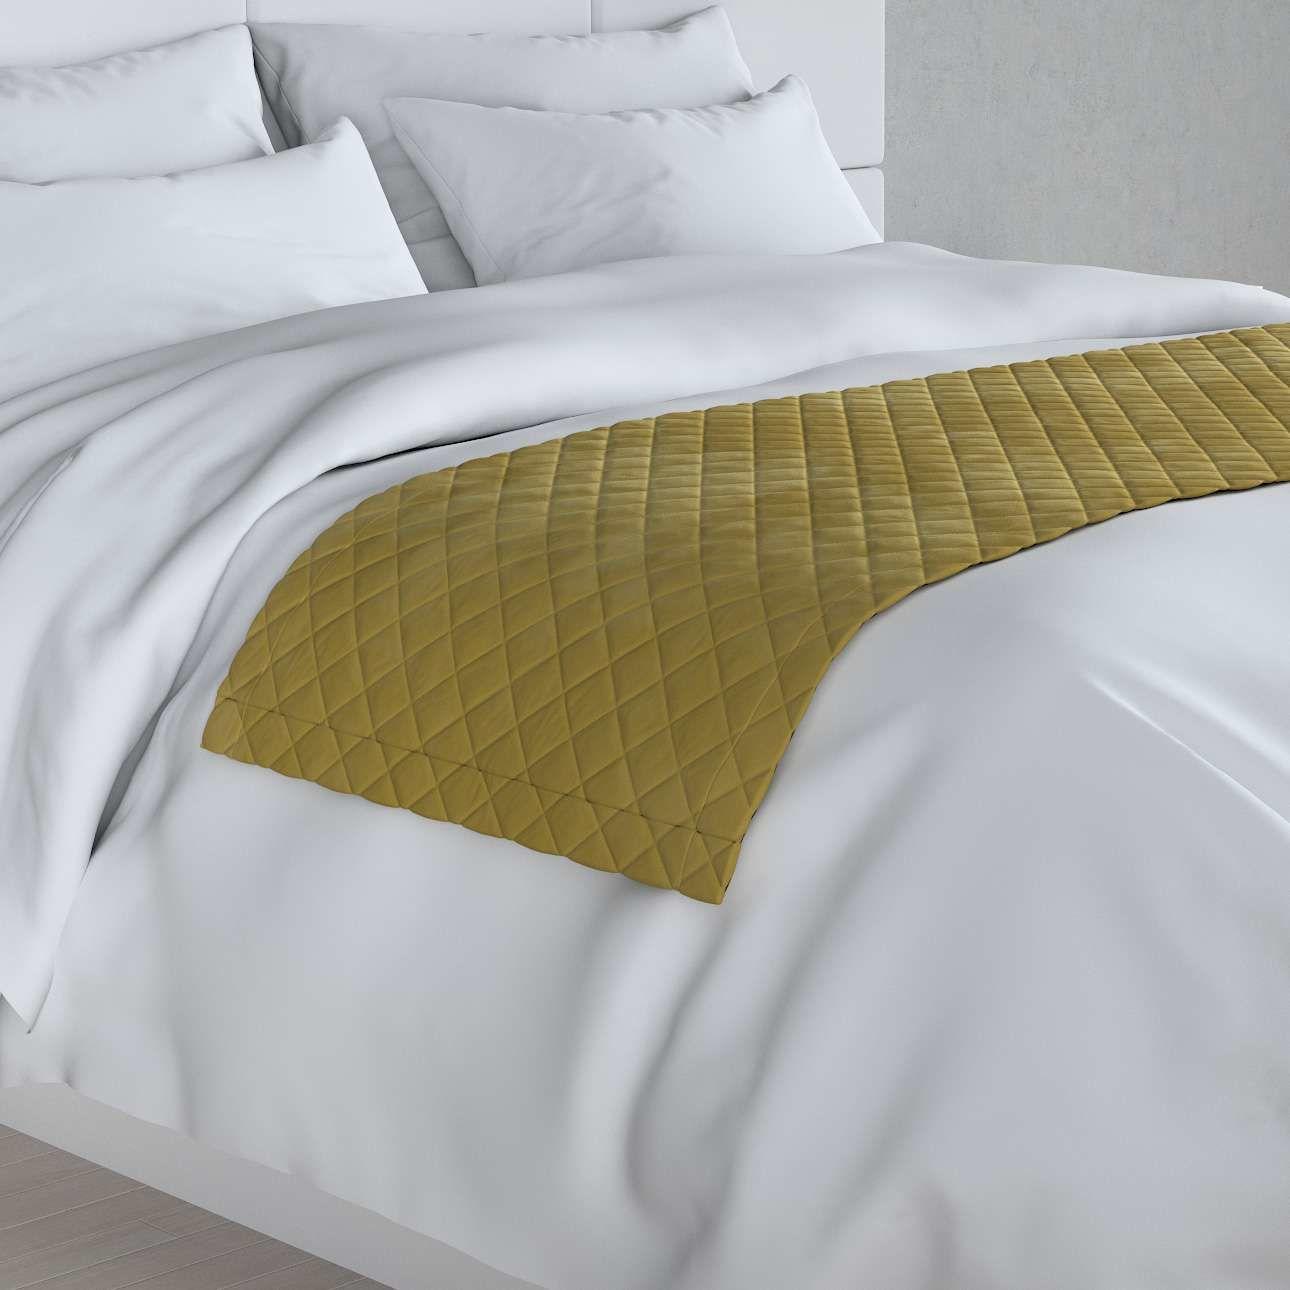 Narzuta hotelowa bieżnik Velvet 60x200cm, oliwkowy zielony, 60 x 200 cm, Velvet